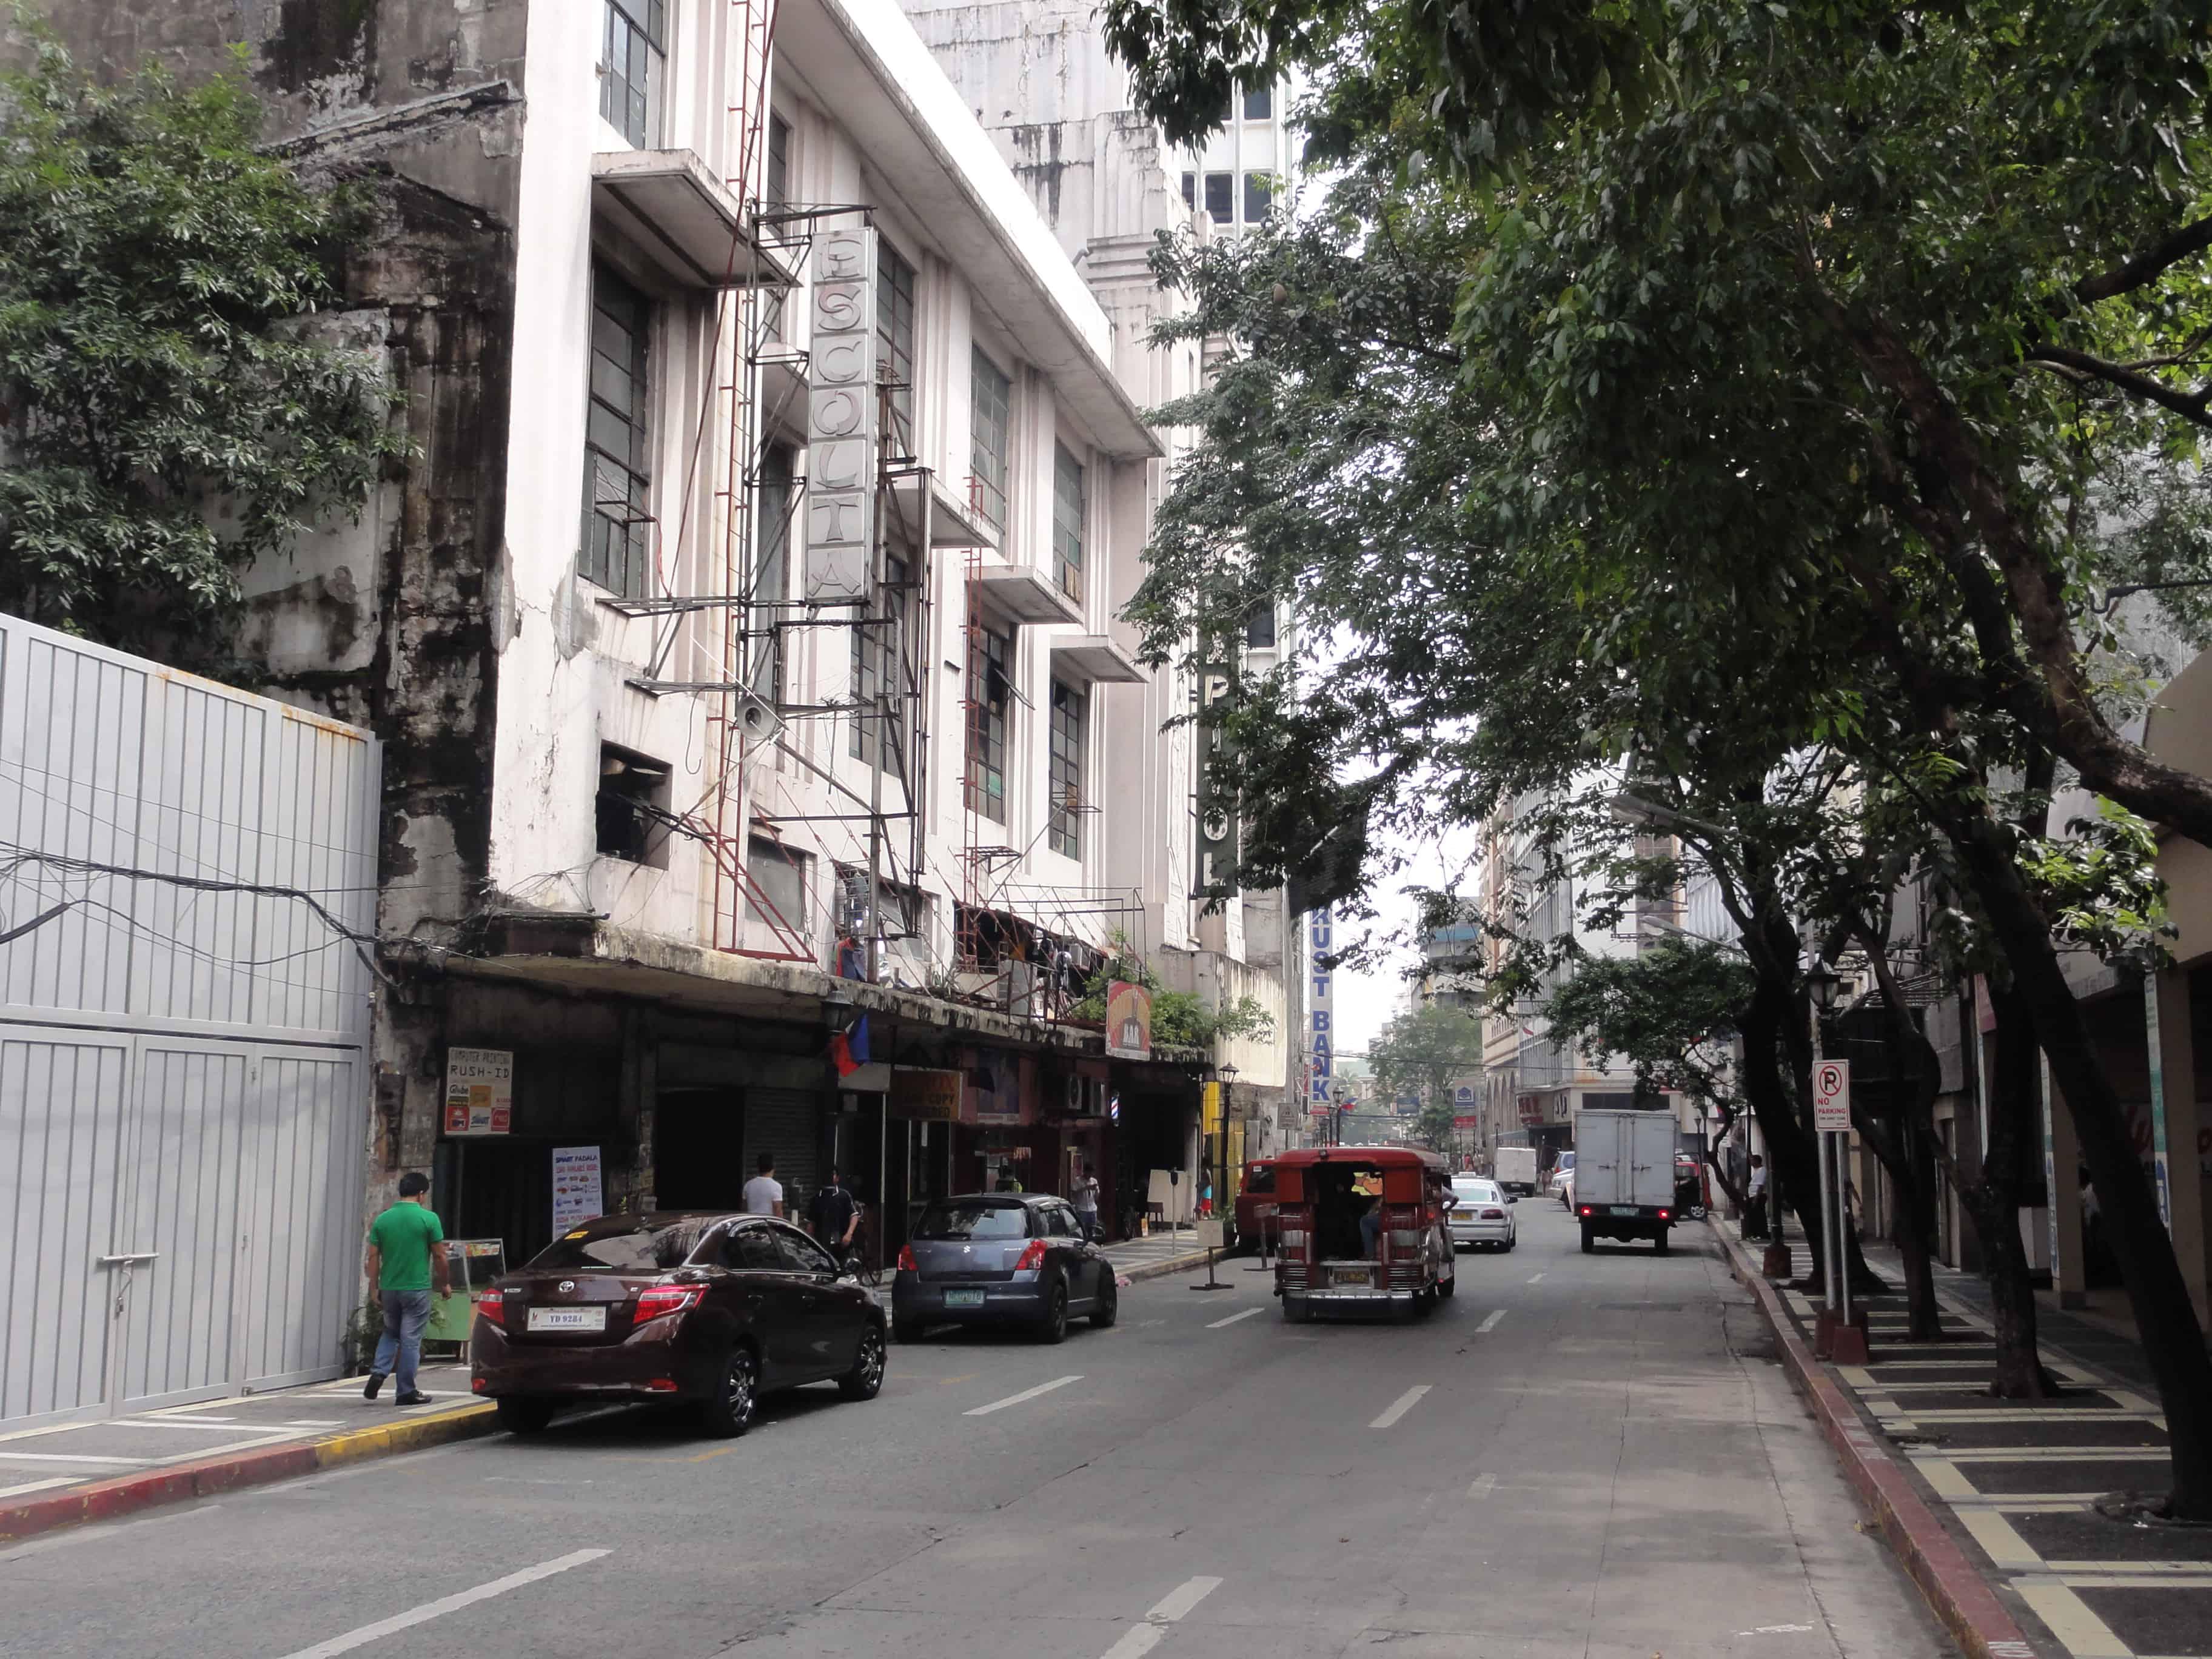 Escolta - Manila, Philippines